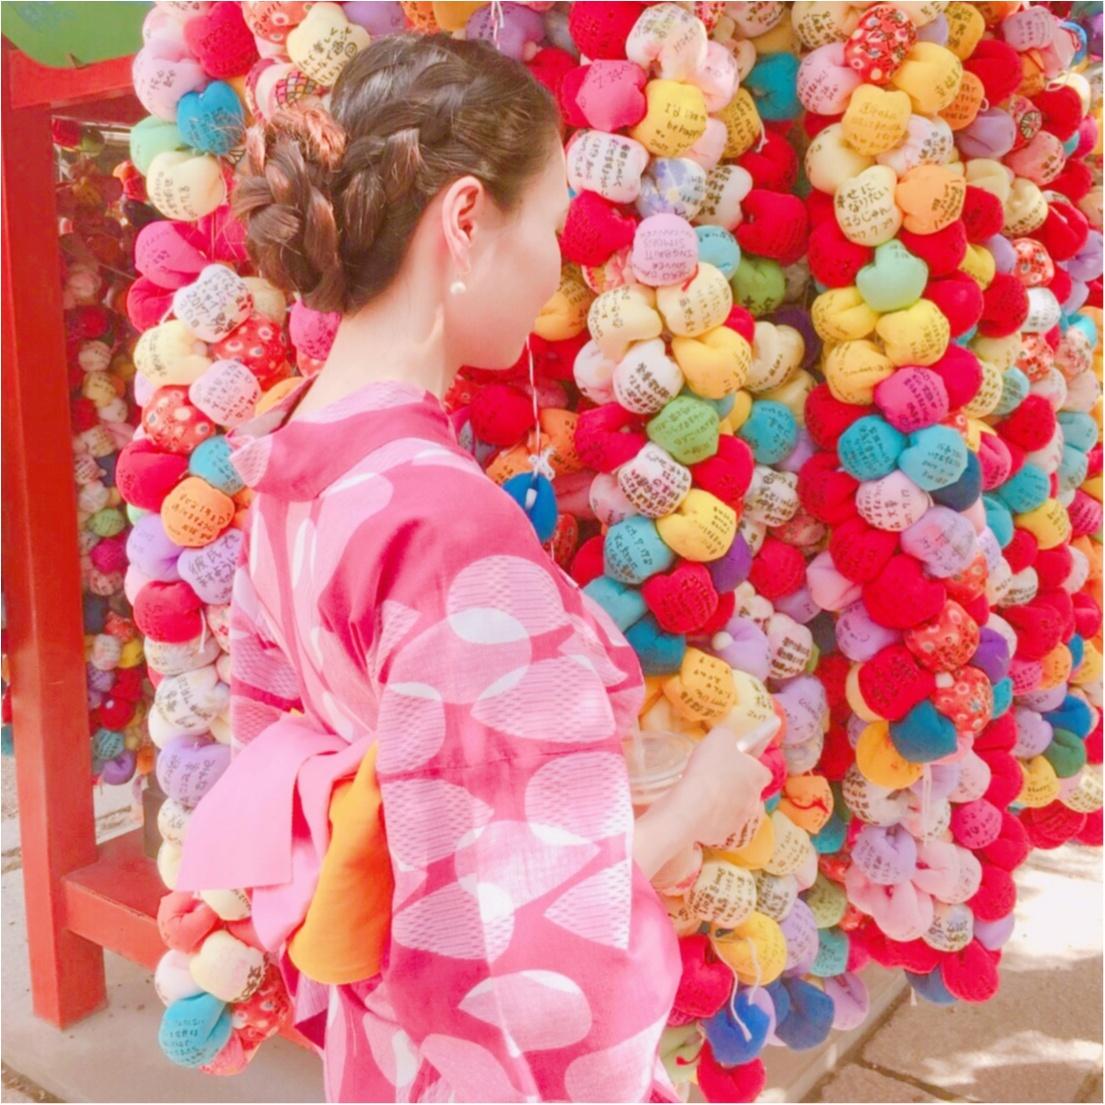 """夏は""""浴衣""""が着たい♡ 京都での思い出づくりにぴったり♪ カワイイのに低価格!?着物レンタルのお店 ♡_4"""